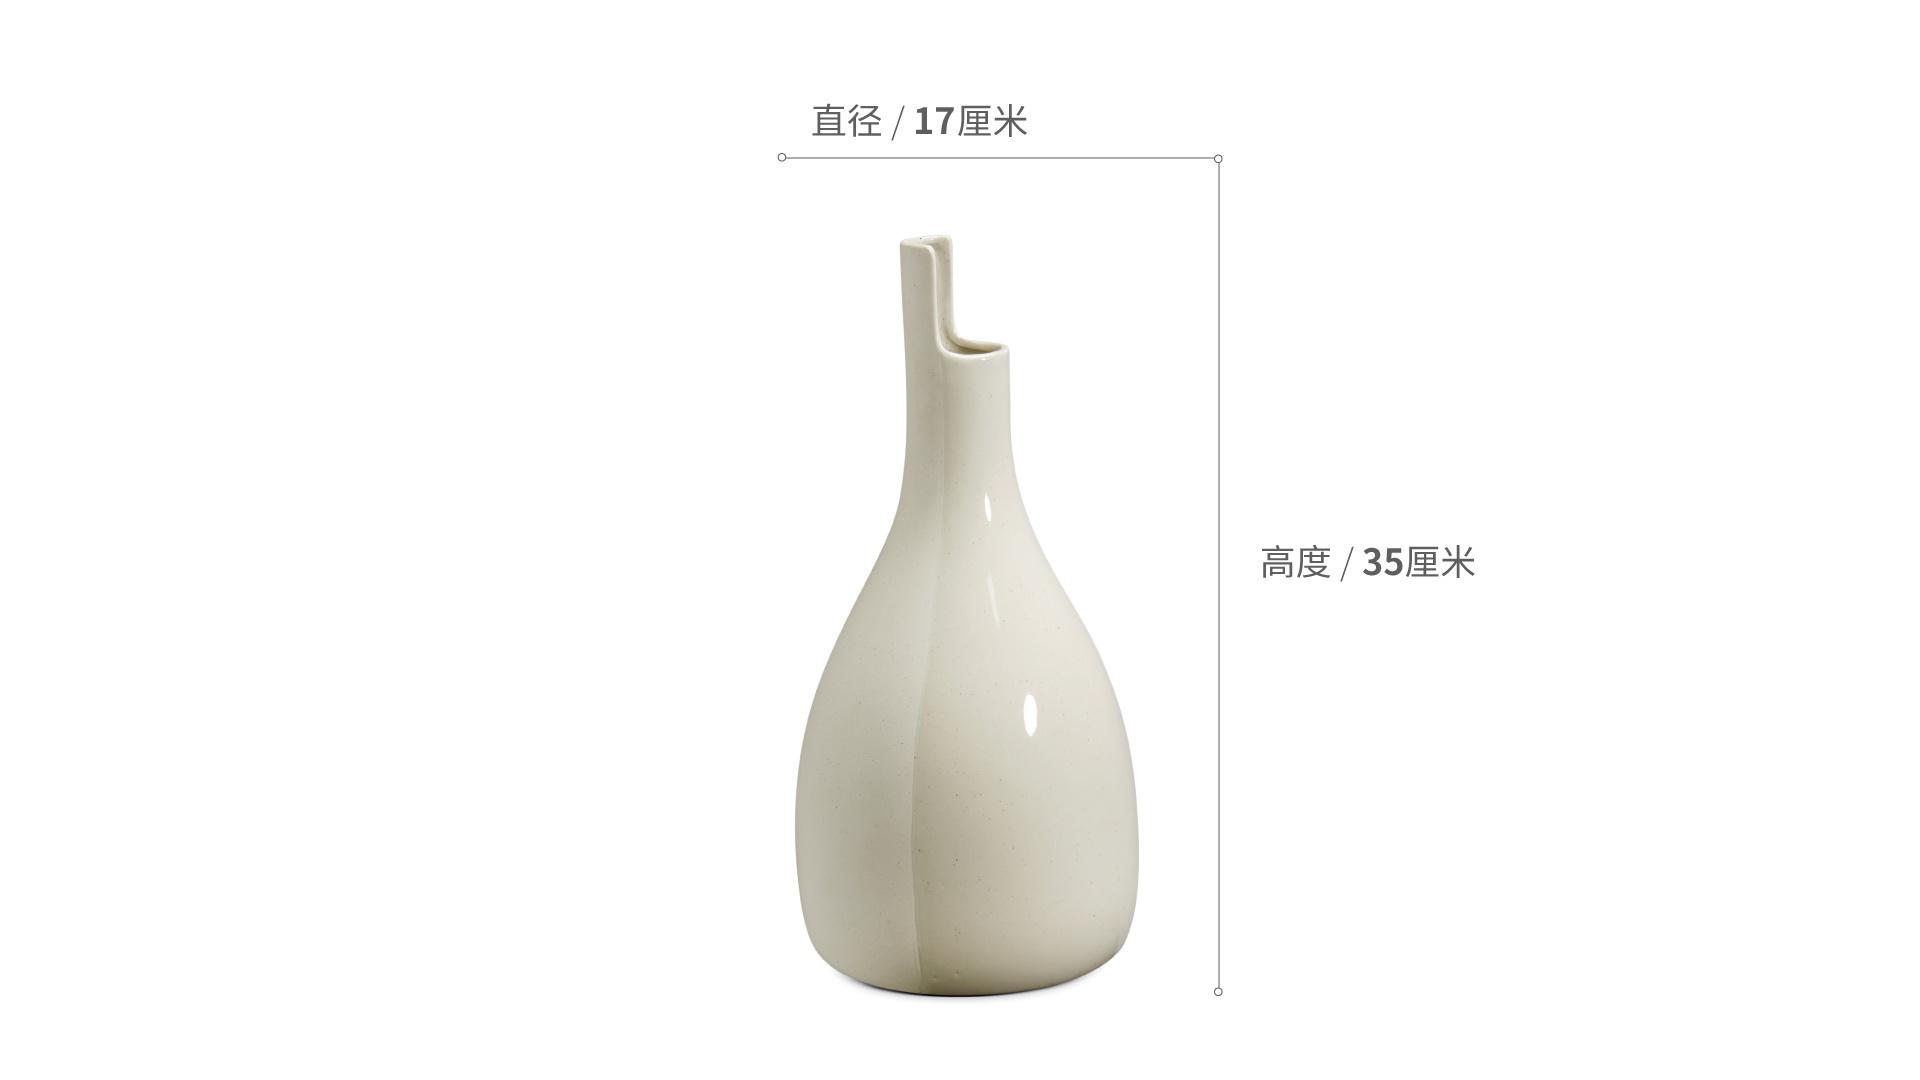 双生陶瓷花瓶大瓶装饰效果图